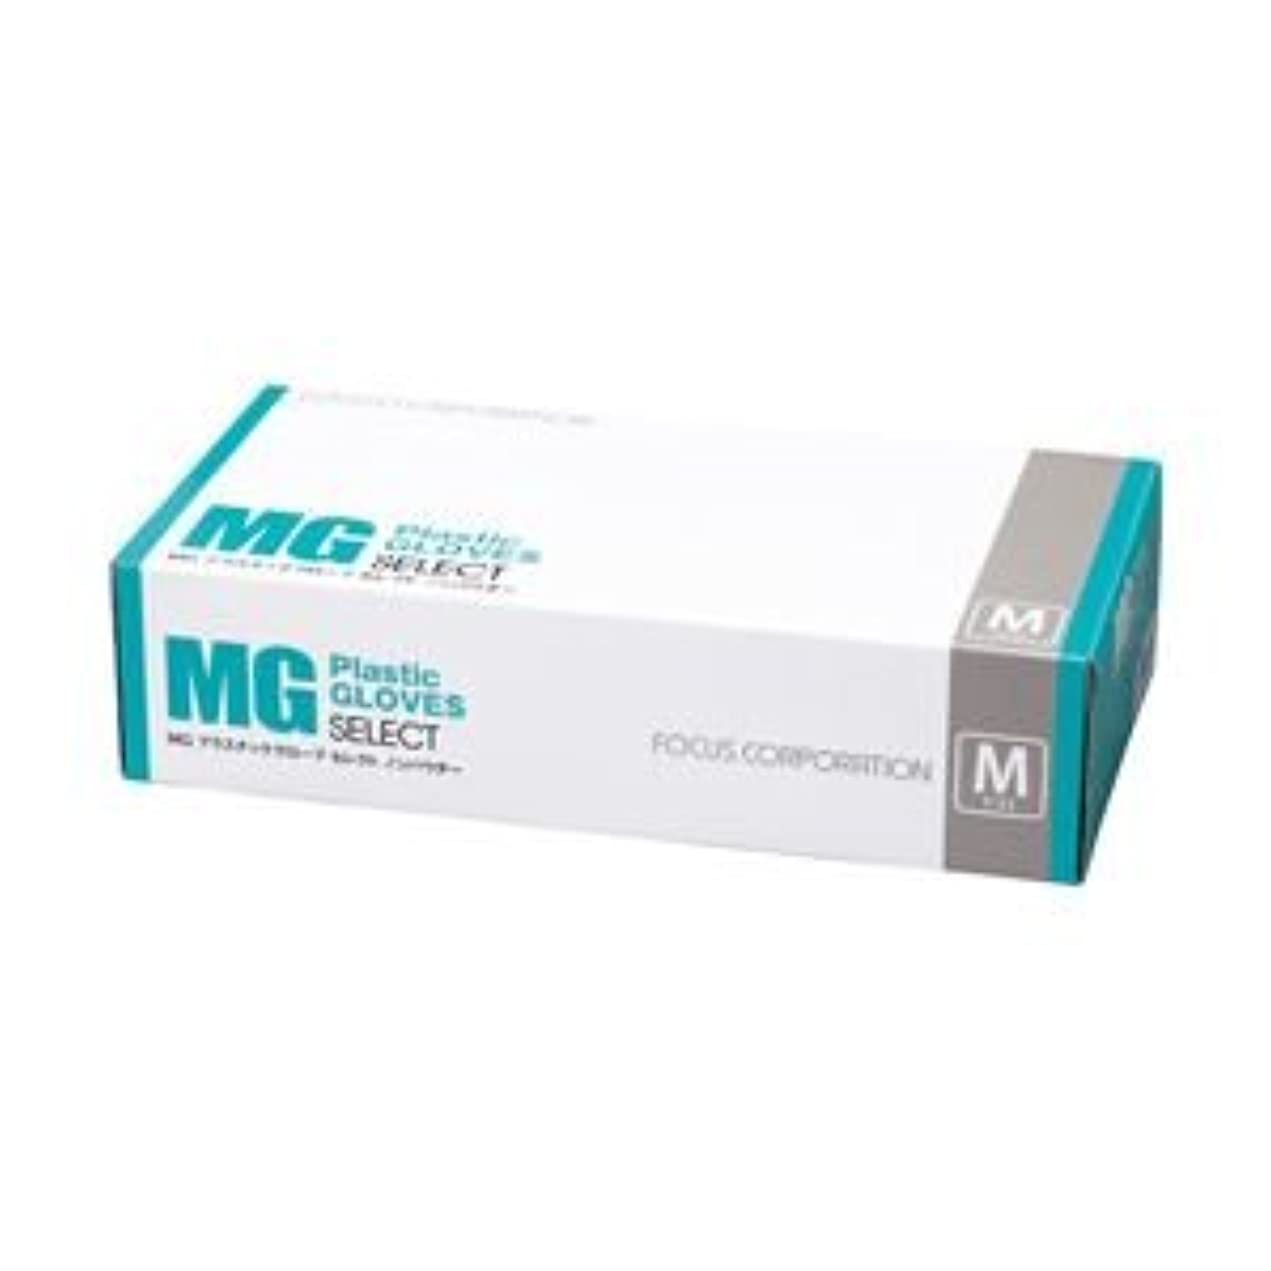 慰めニッケルプロペラフォーカス (業務用セット) MGプラスチックグローブSELECT 粉なし 半透明 1箱(100枚) Mサイズ (×10セット)